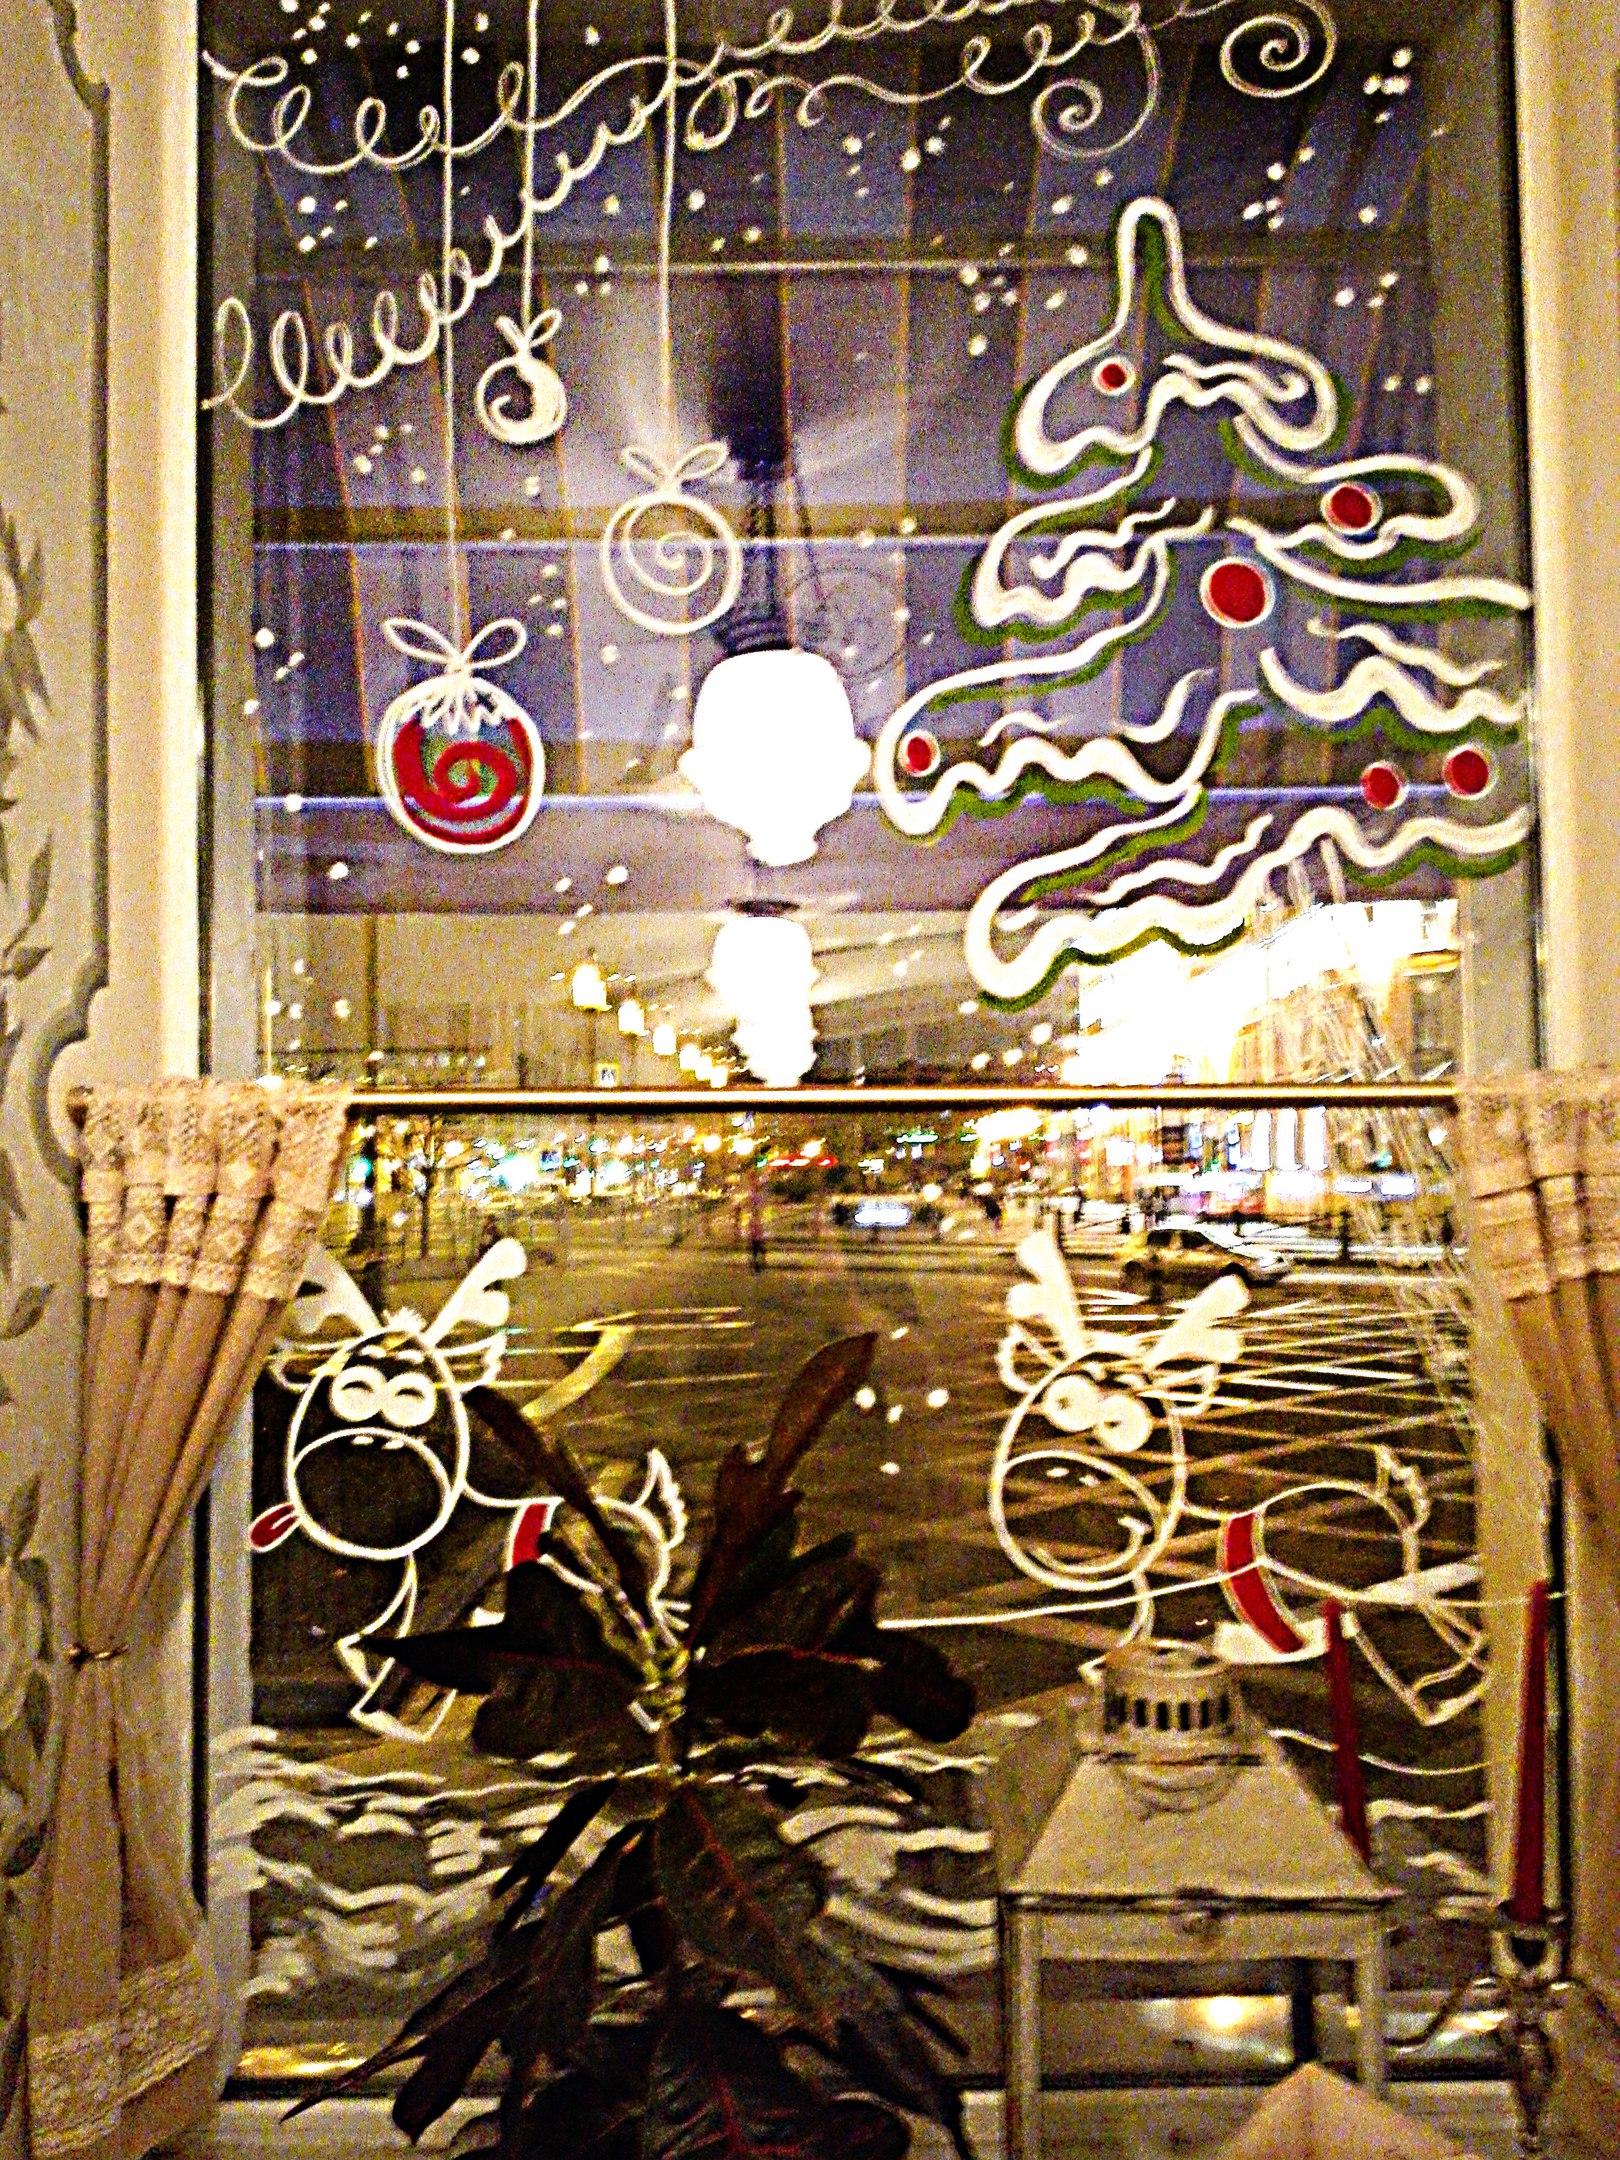 Рождественское оформление для Кондитерия FermА_4.jpg